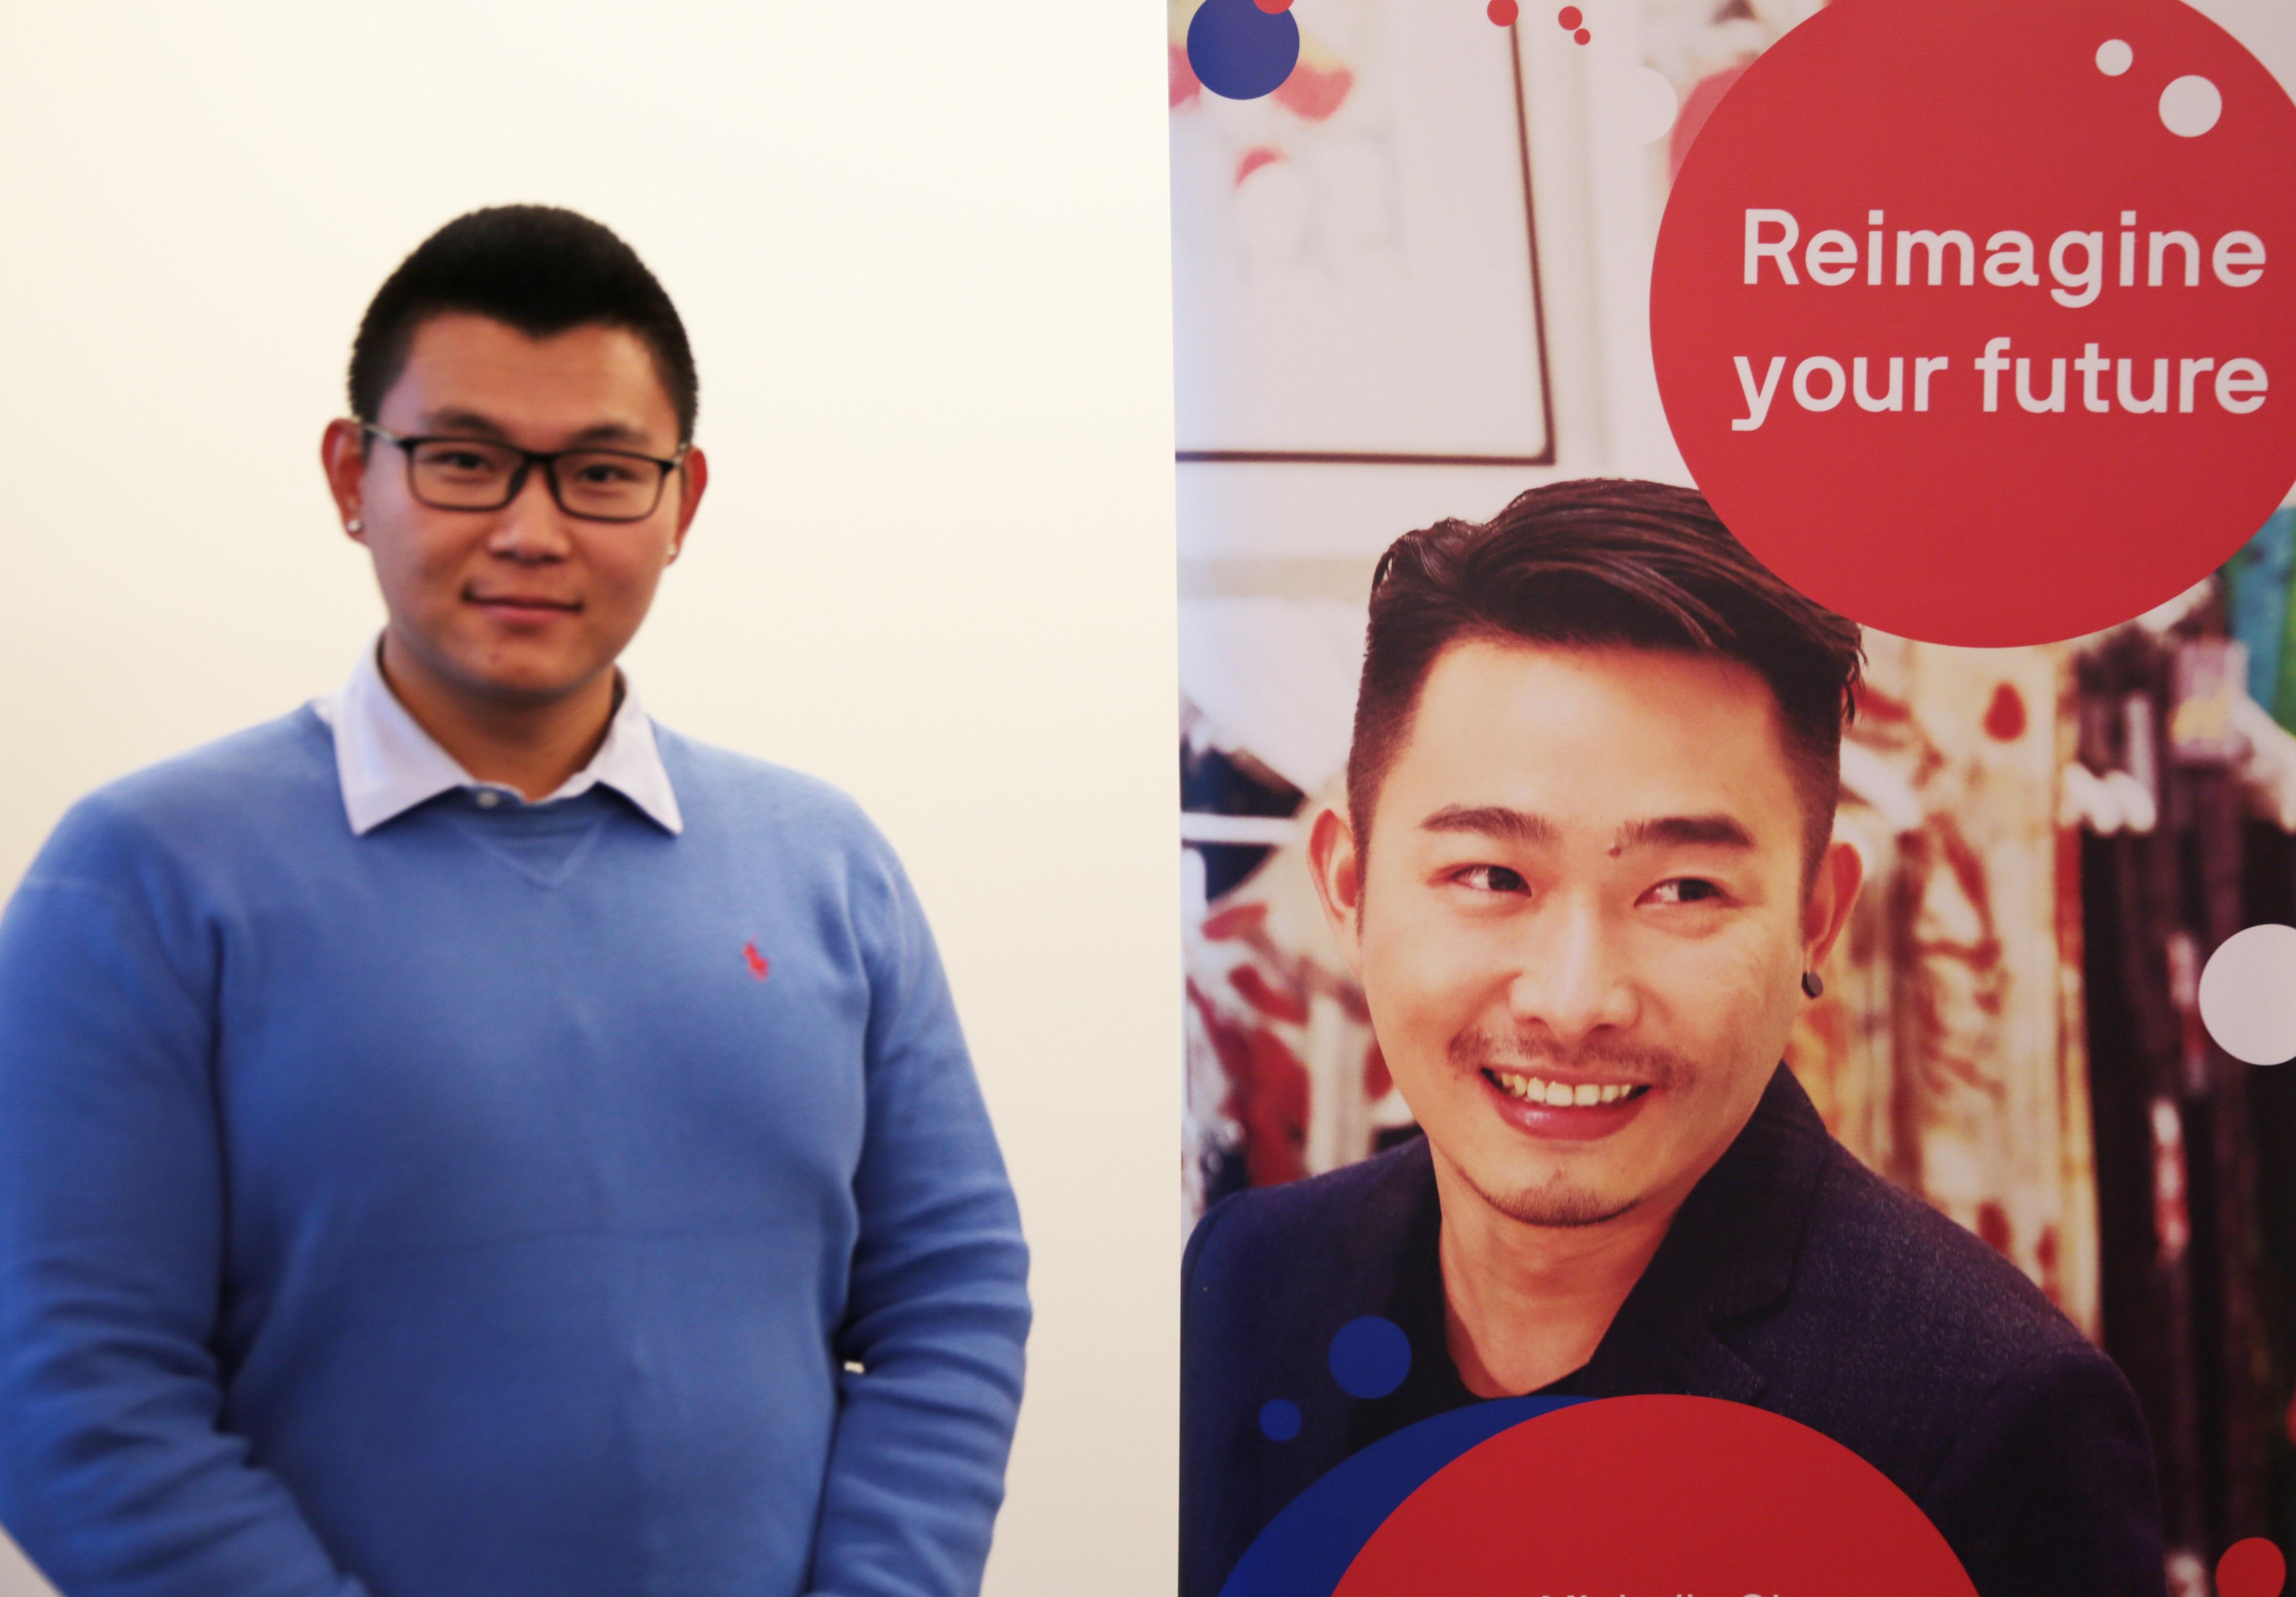 悉尼科技大学毕业生、中澳千禧计划参加代表王国玺-青年创业家参加